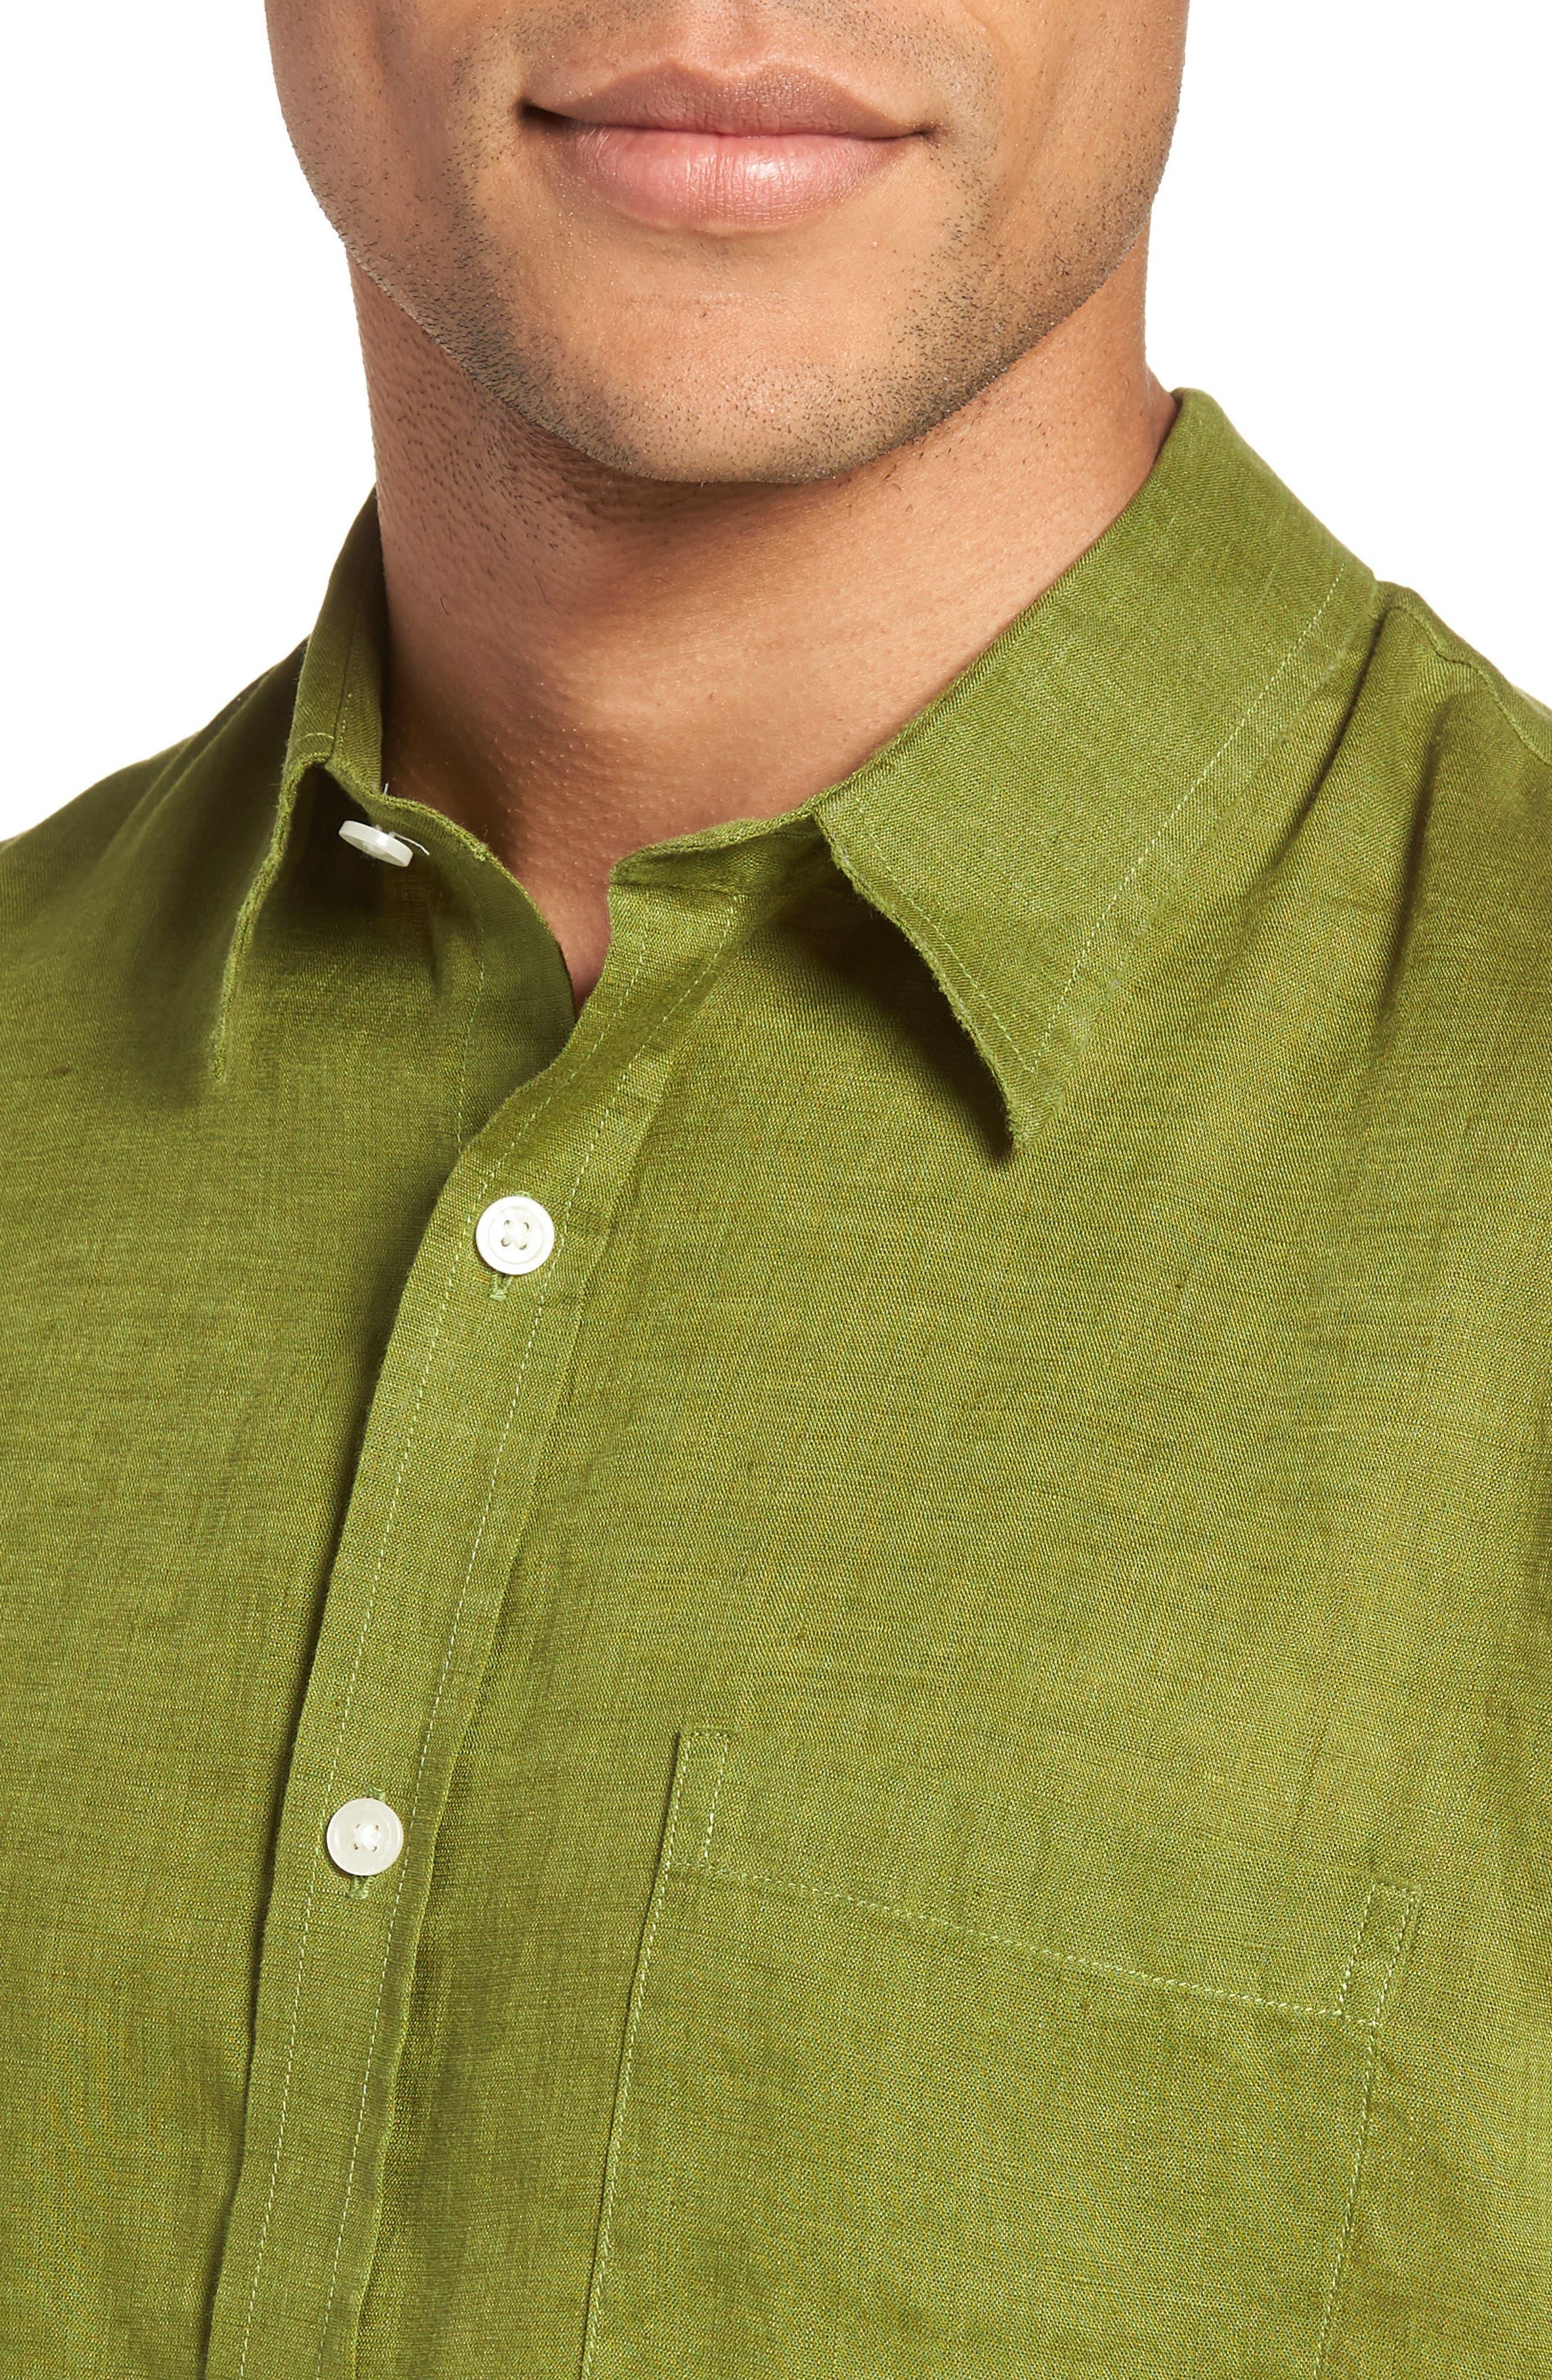 Classic Fit Sport Shirt,                             Alternate thumbnail 4, color,                             PASTURE